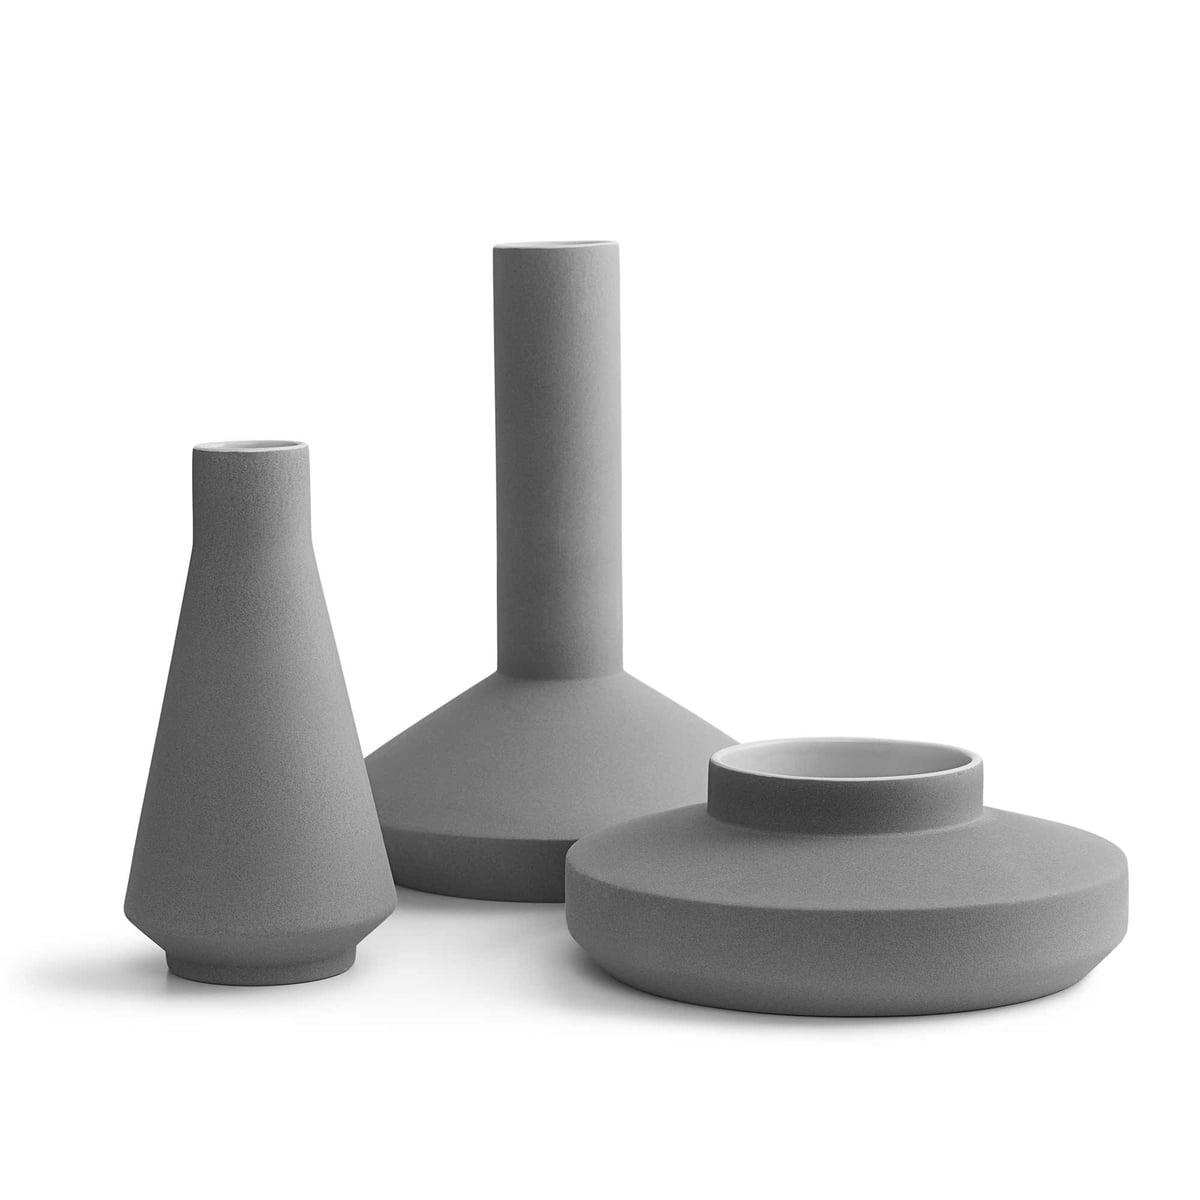 Vase Nr 3 Fra Karakter F 229 S I Interi 248 Rshoppen